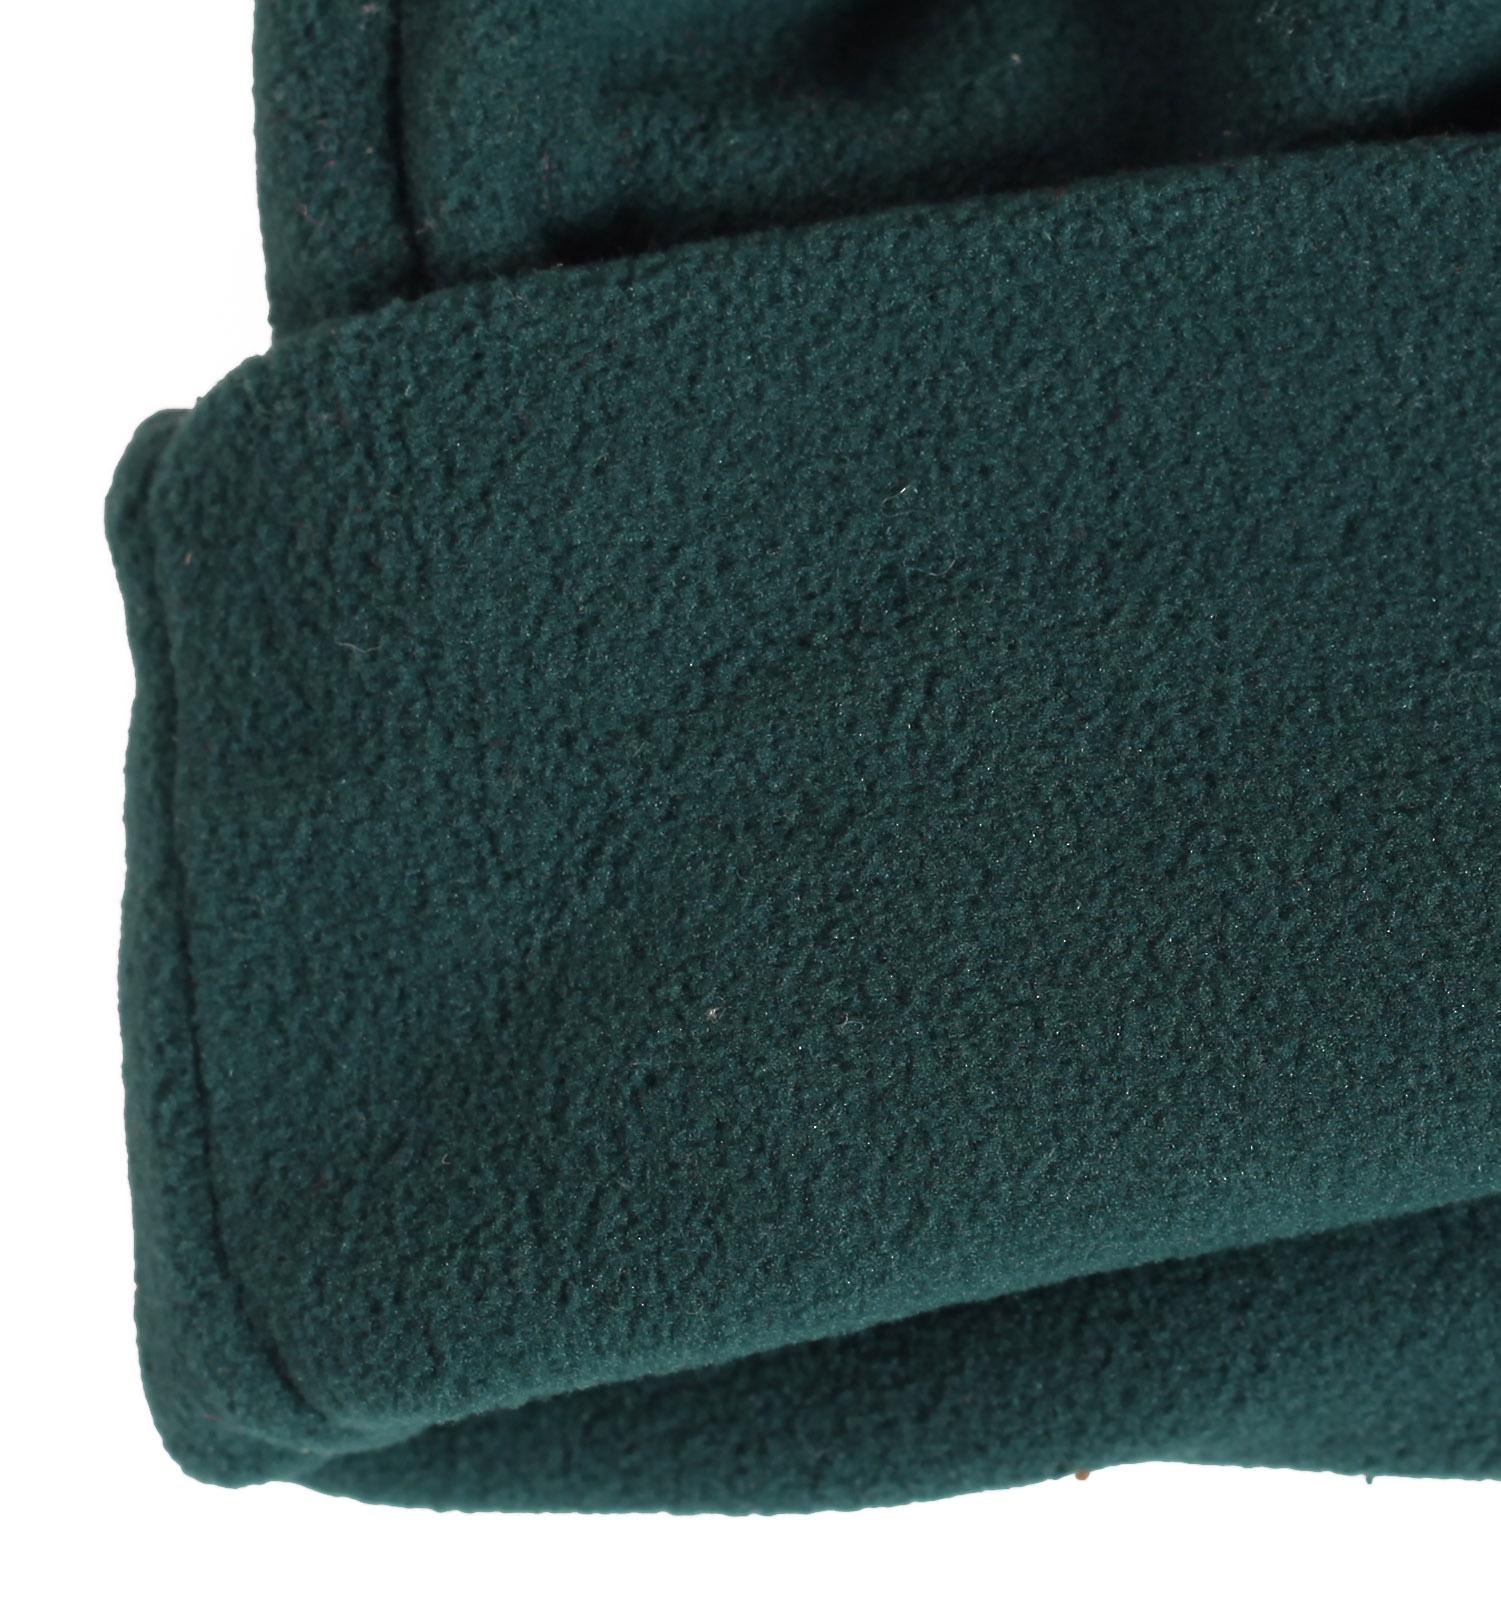 Заказать спортивную флисовую мужскую шапку с отворотом утепленную флисом по лояльной цене